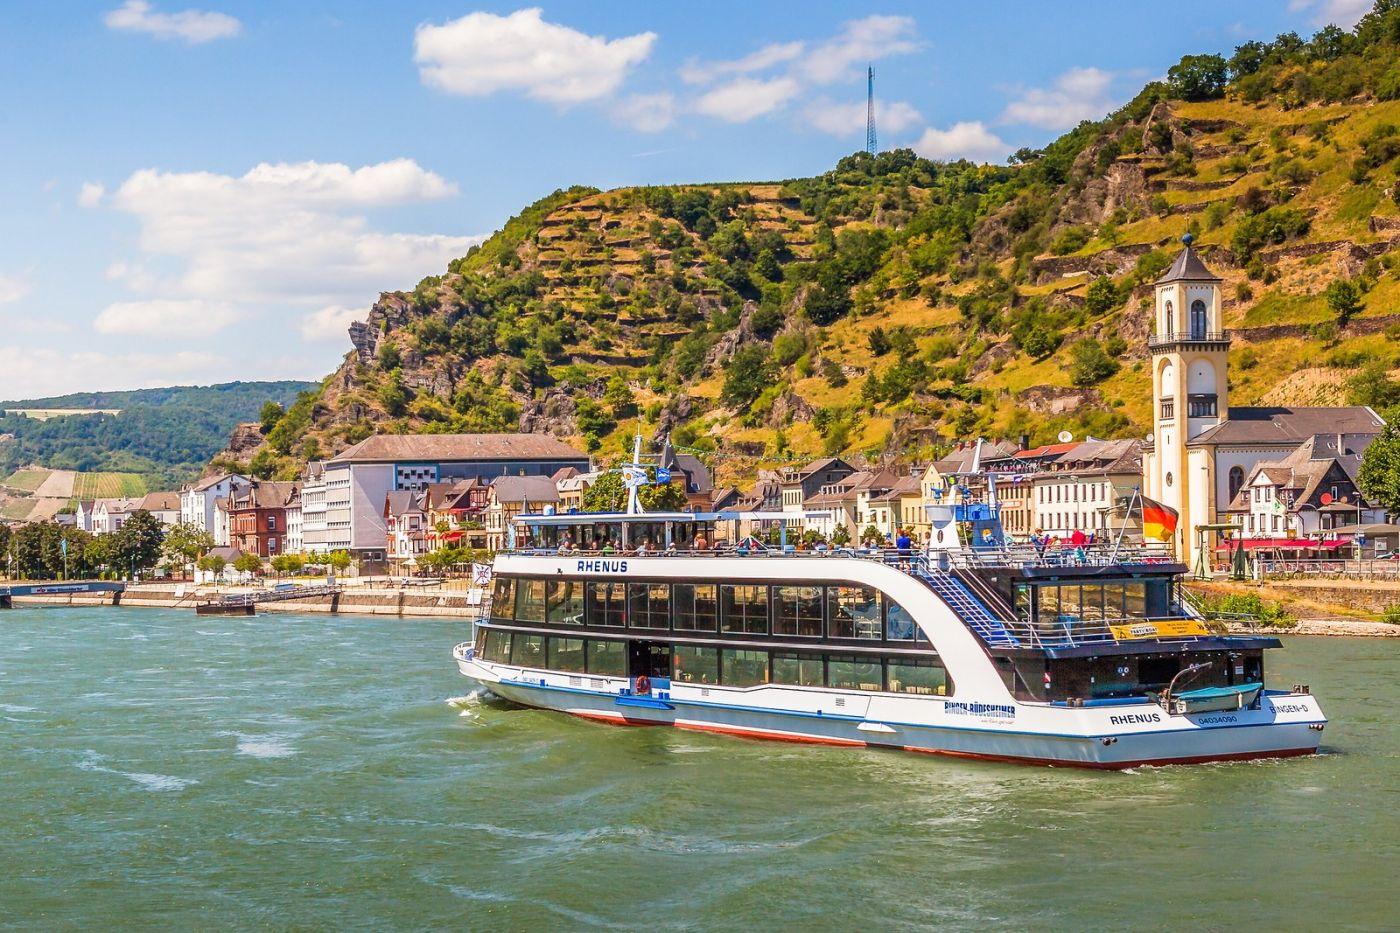 畅游莱茵河,游船商船另一道景_图1-24